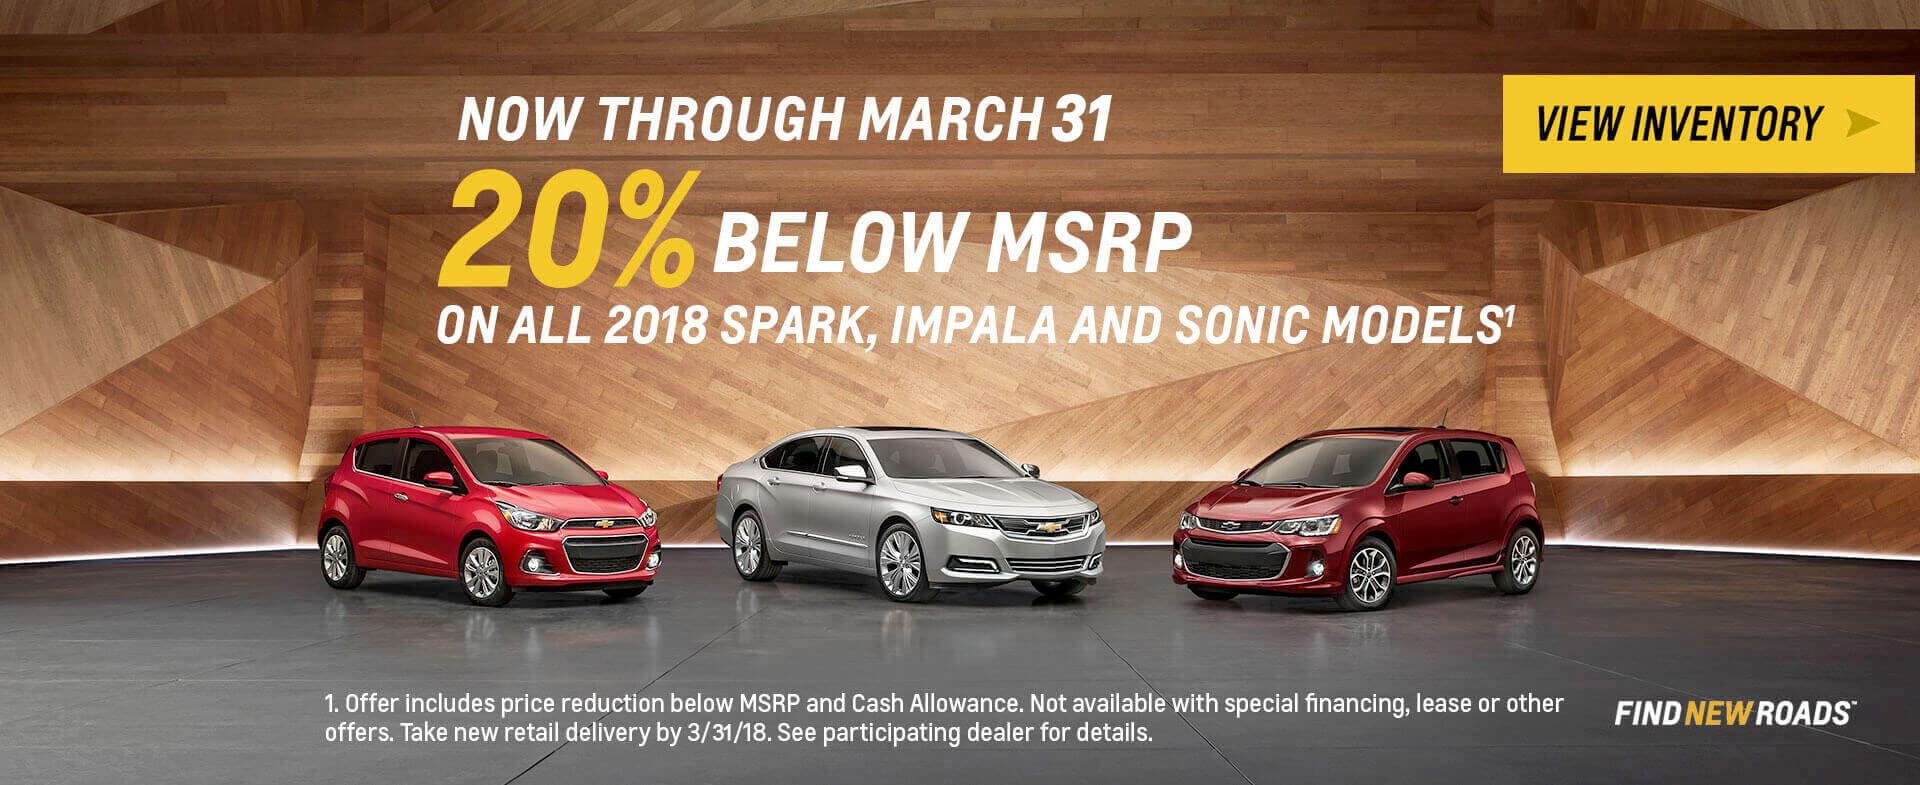 Sonic, Impala & Spark